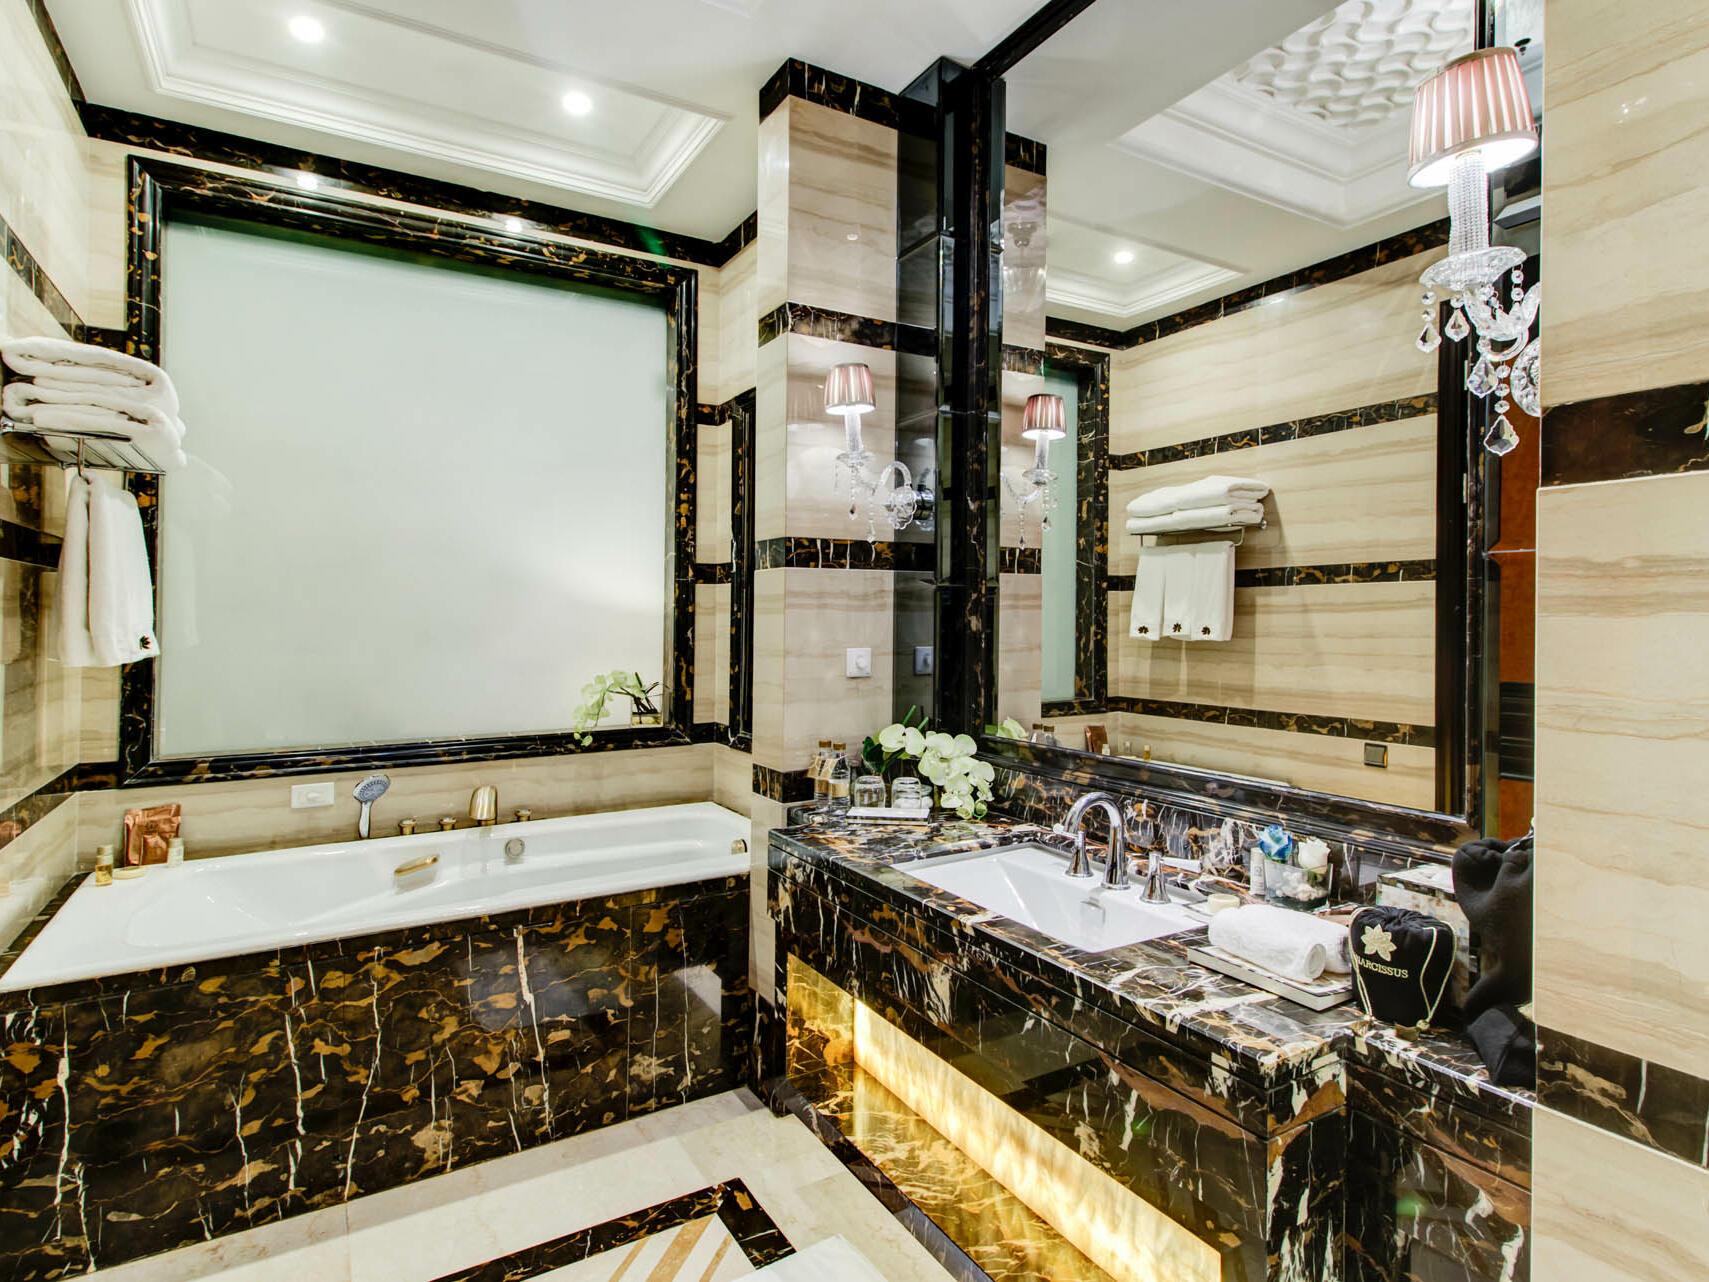 Executive Suite at Narcissus Hotel & Spa Riyadh